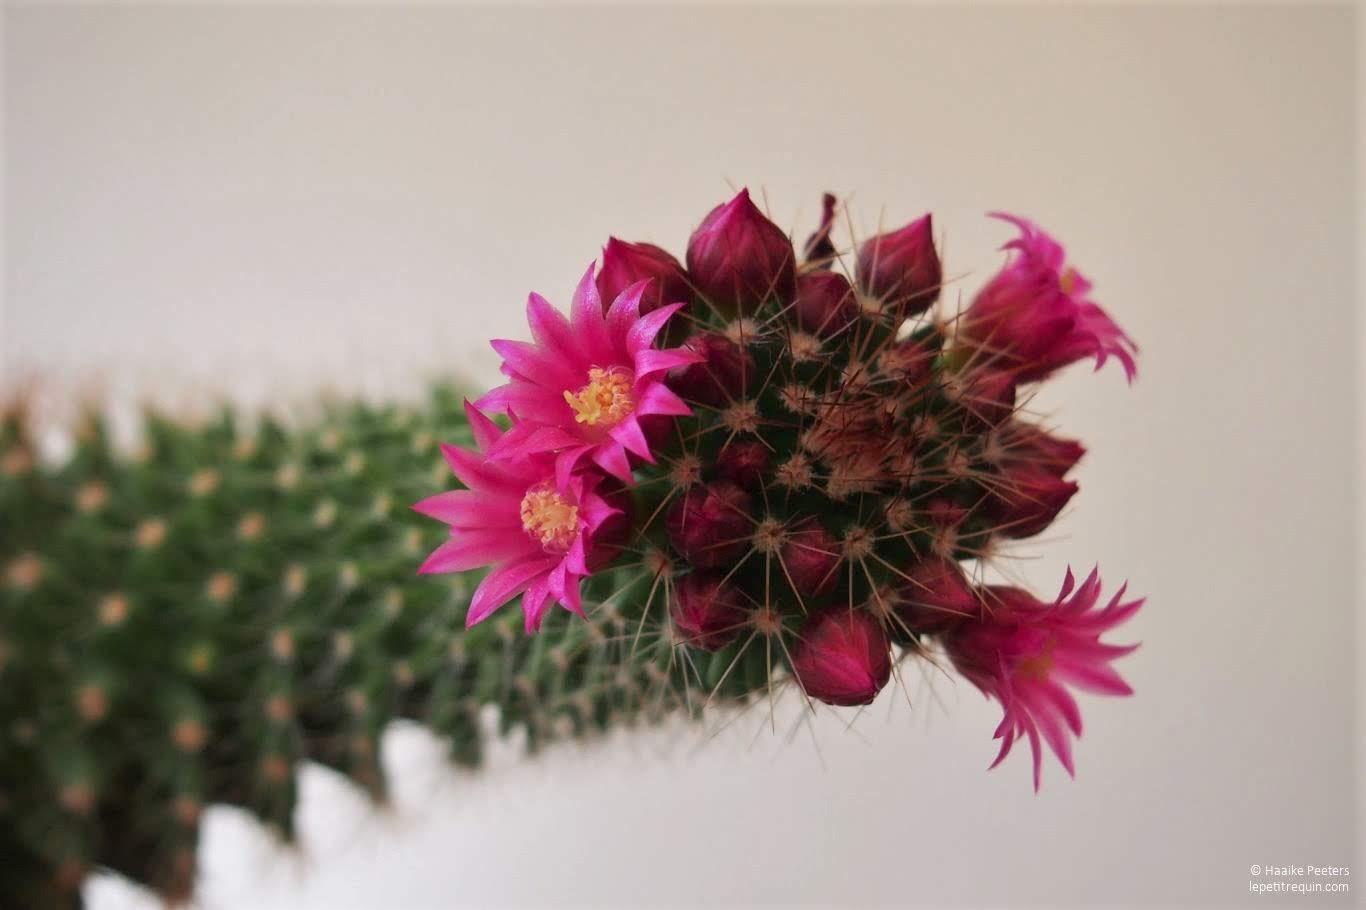 Cactus (Le petit requin)